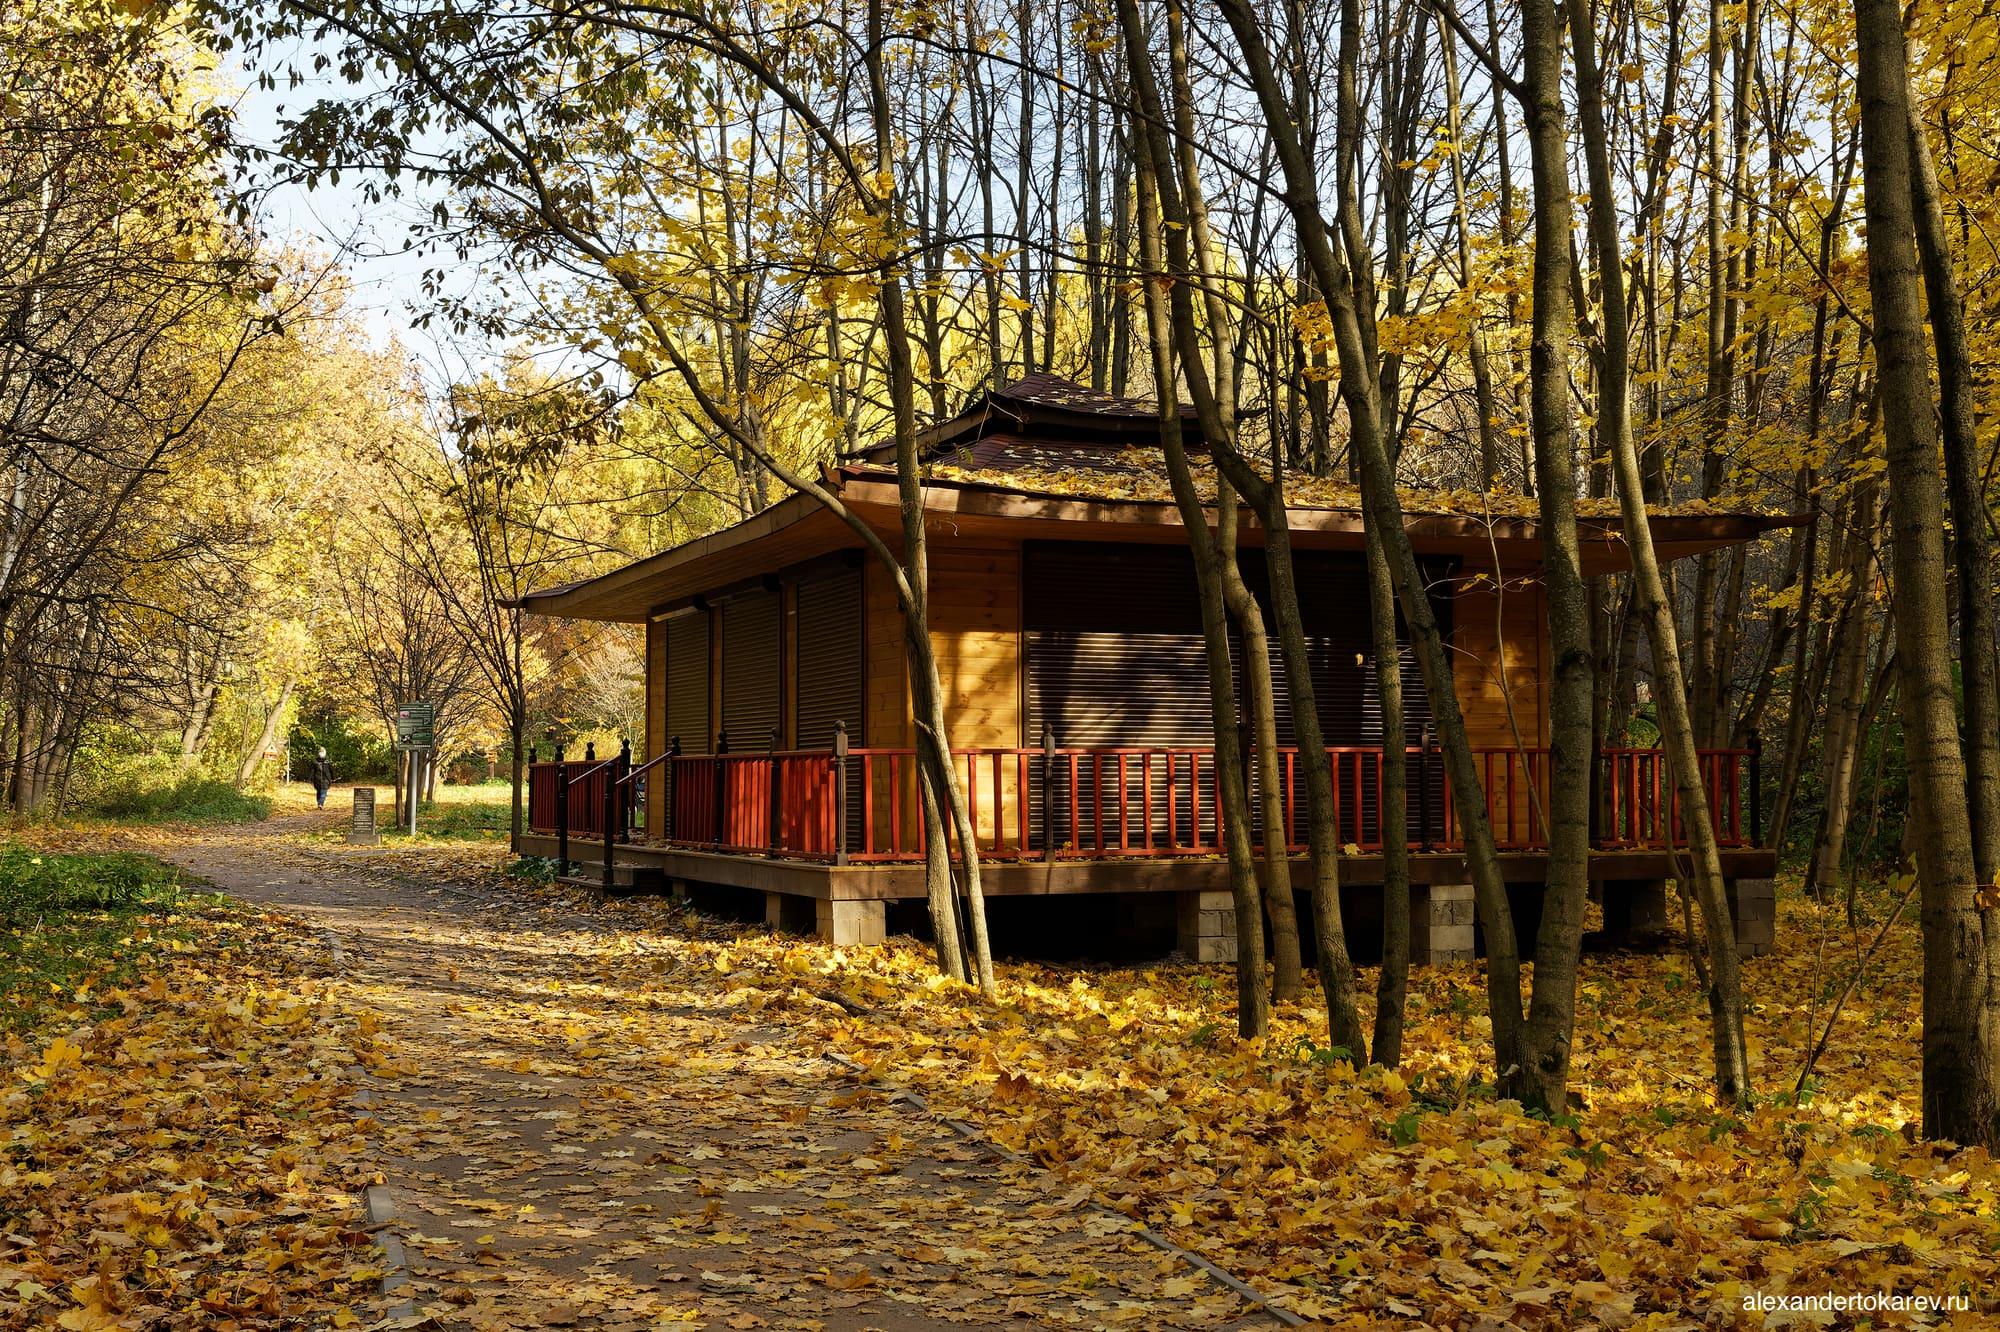 Домик у Рощи сакуры в Бирюлёвском дендропарке (2021)